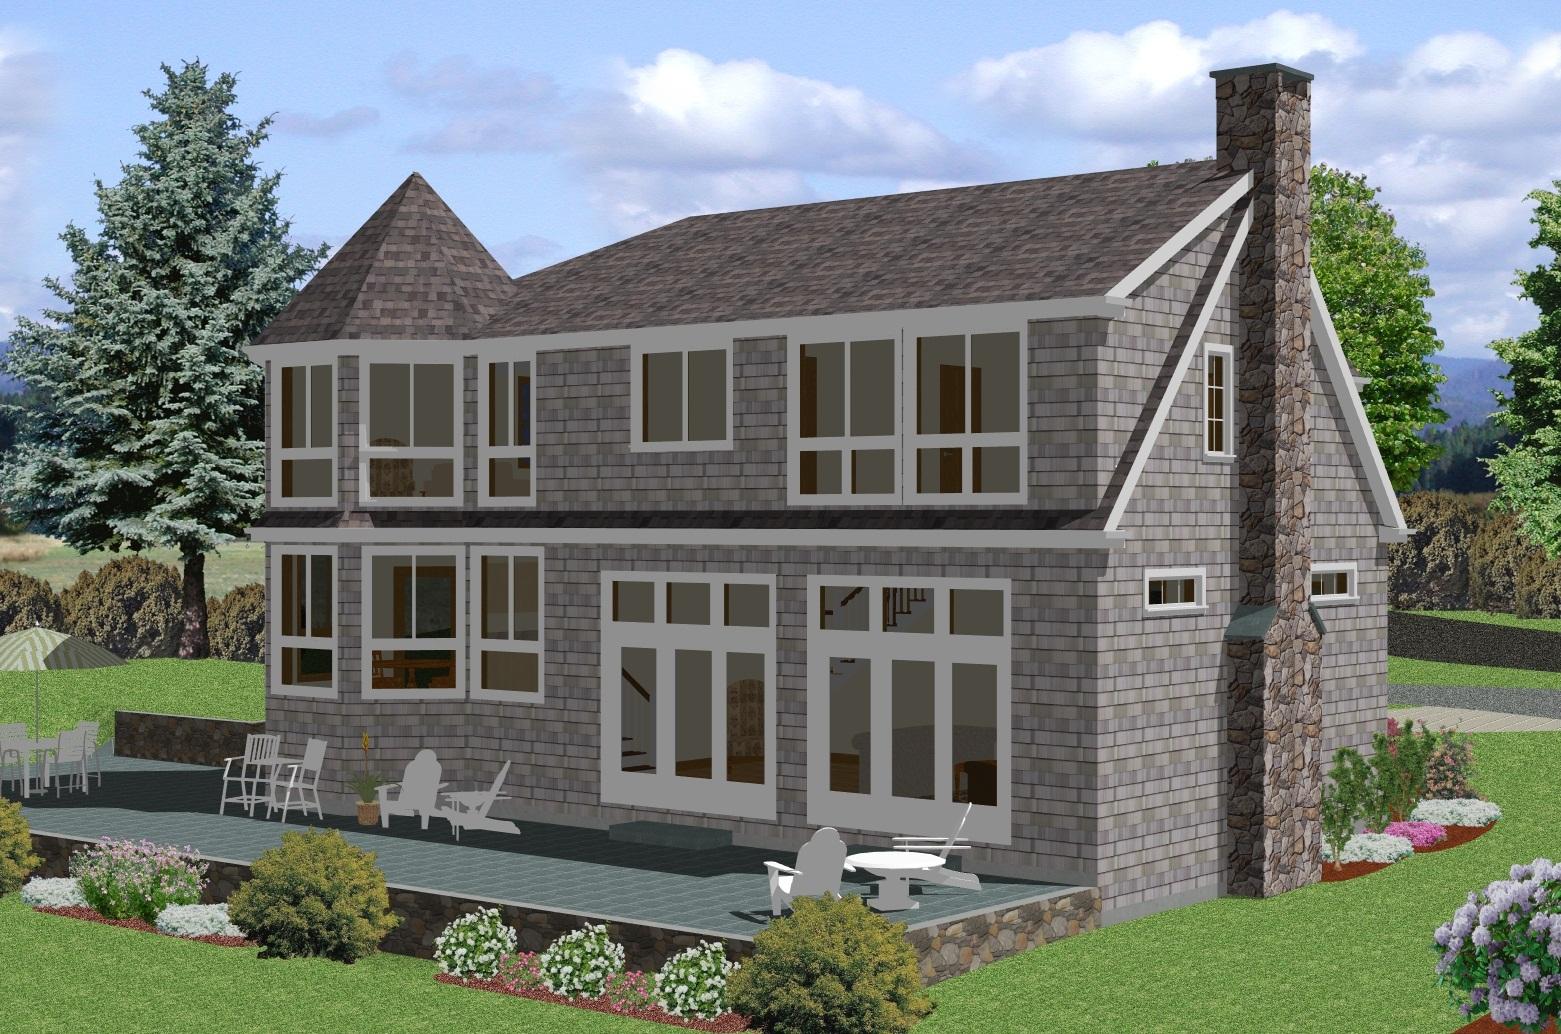 Descargar planos de casas y viviendas gratis fotos de - Fotos de casas americanas ...